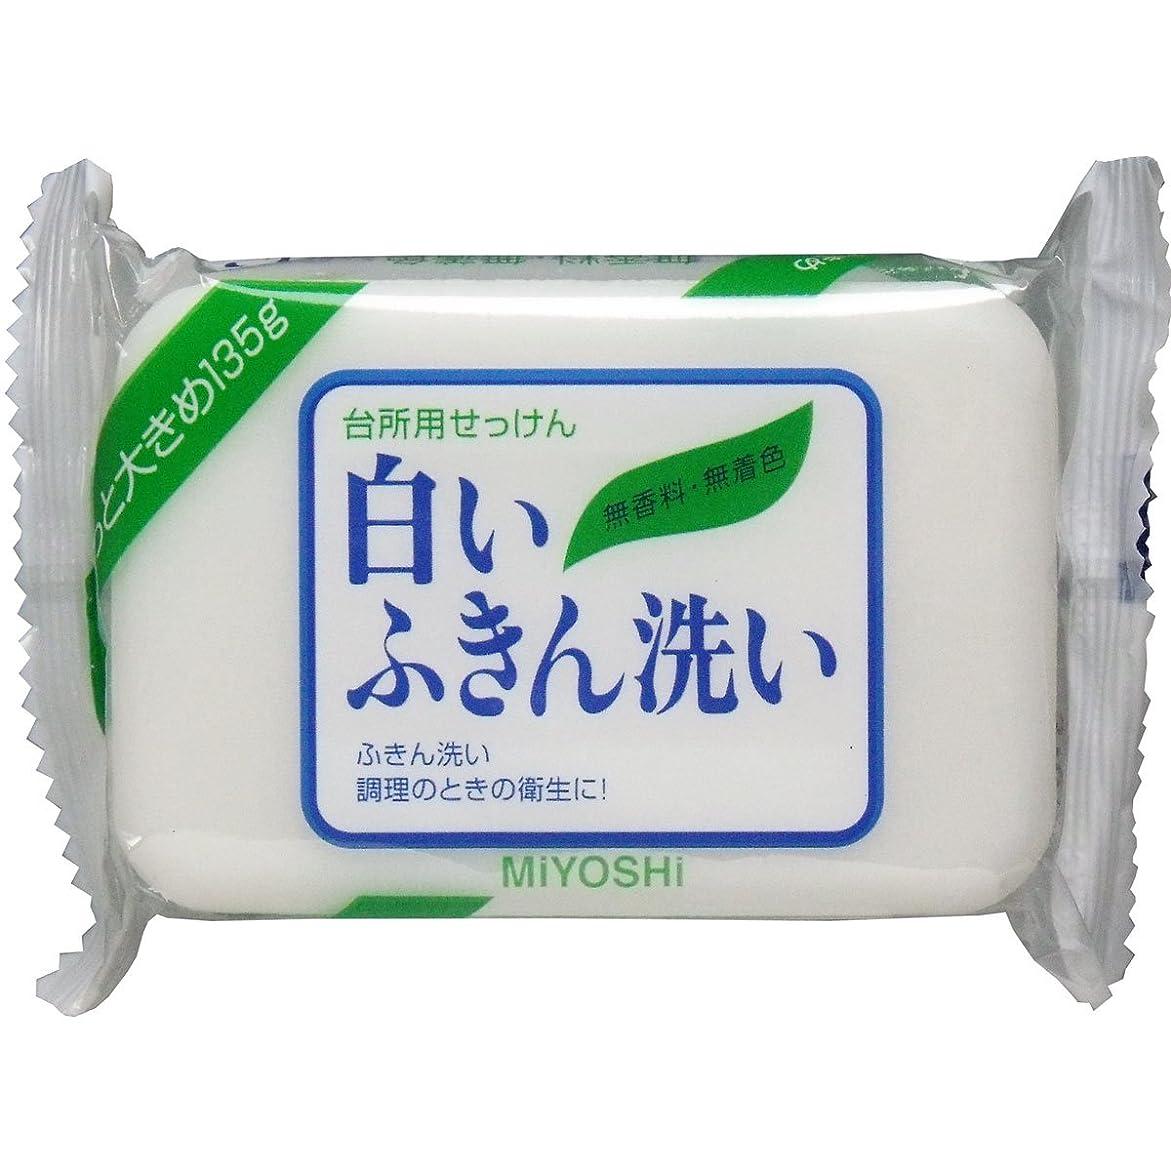 カートラグ脅かすミヨシ石鹸 白いふきん洗い